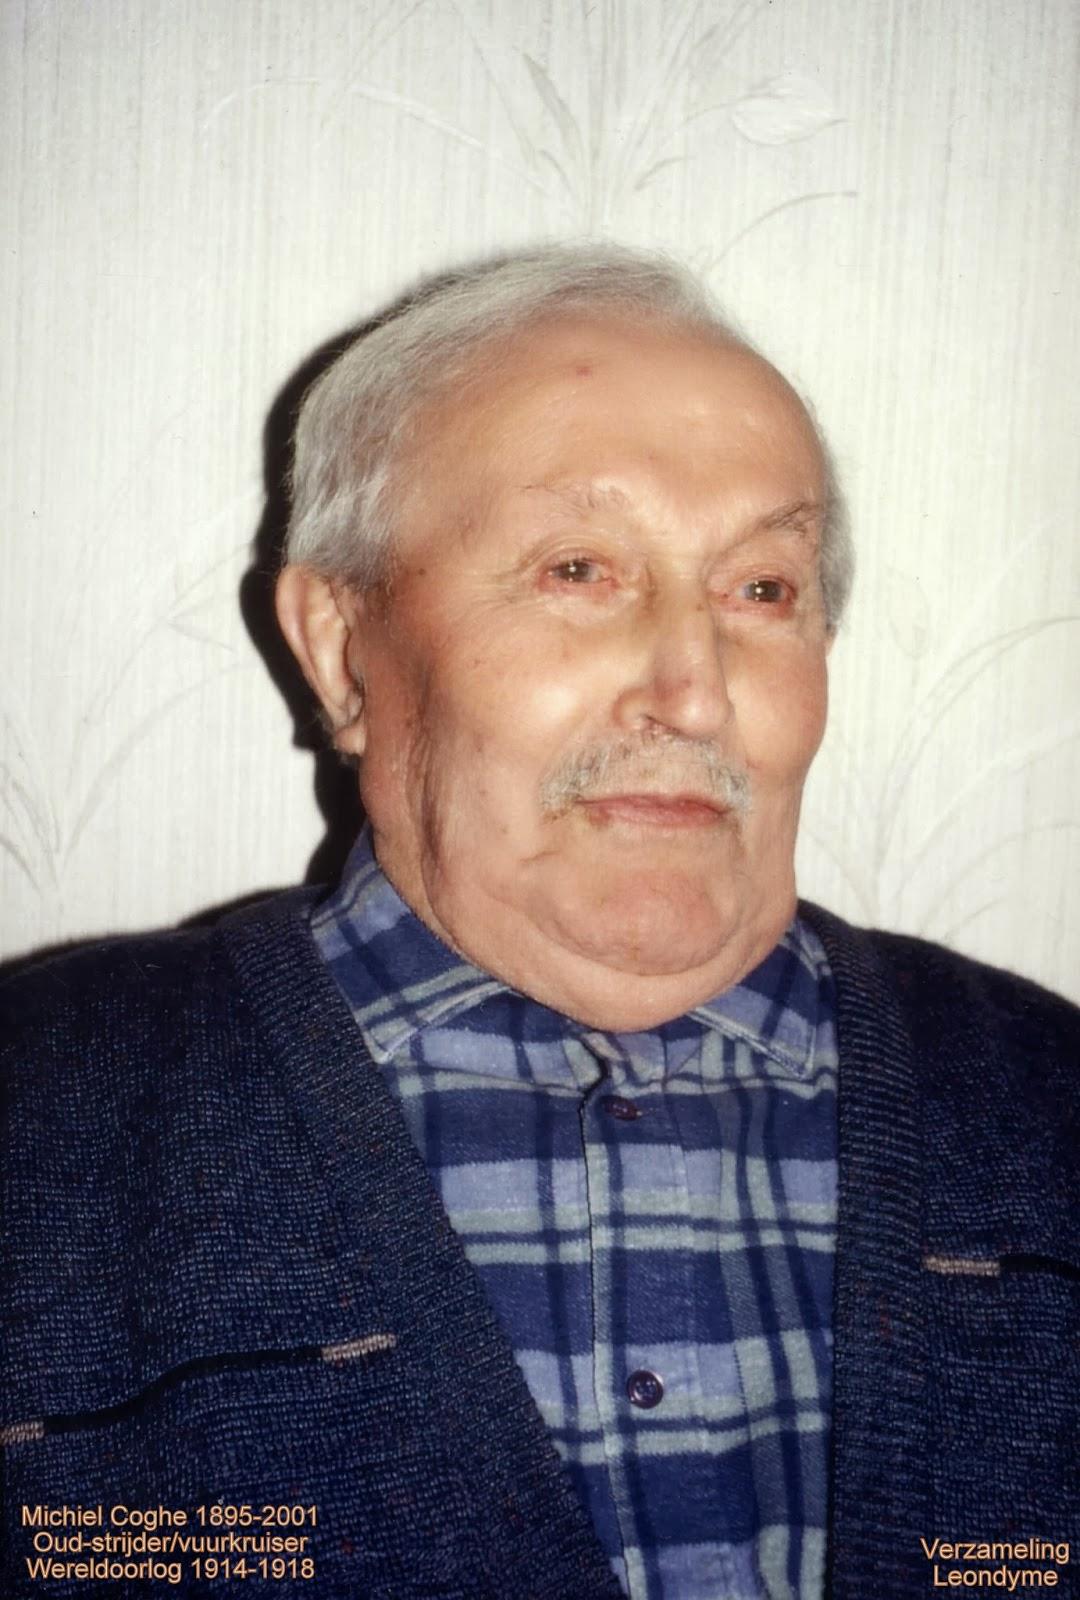 Michiel-Leo Coghe op honderdjarige leeftijd. Verzameling Leondyme